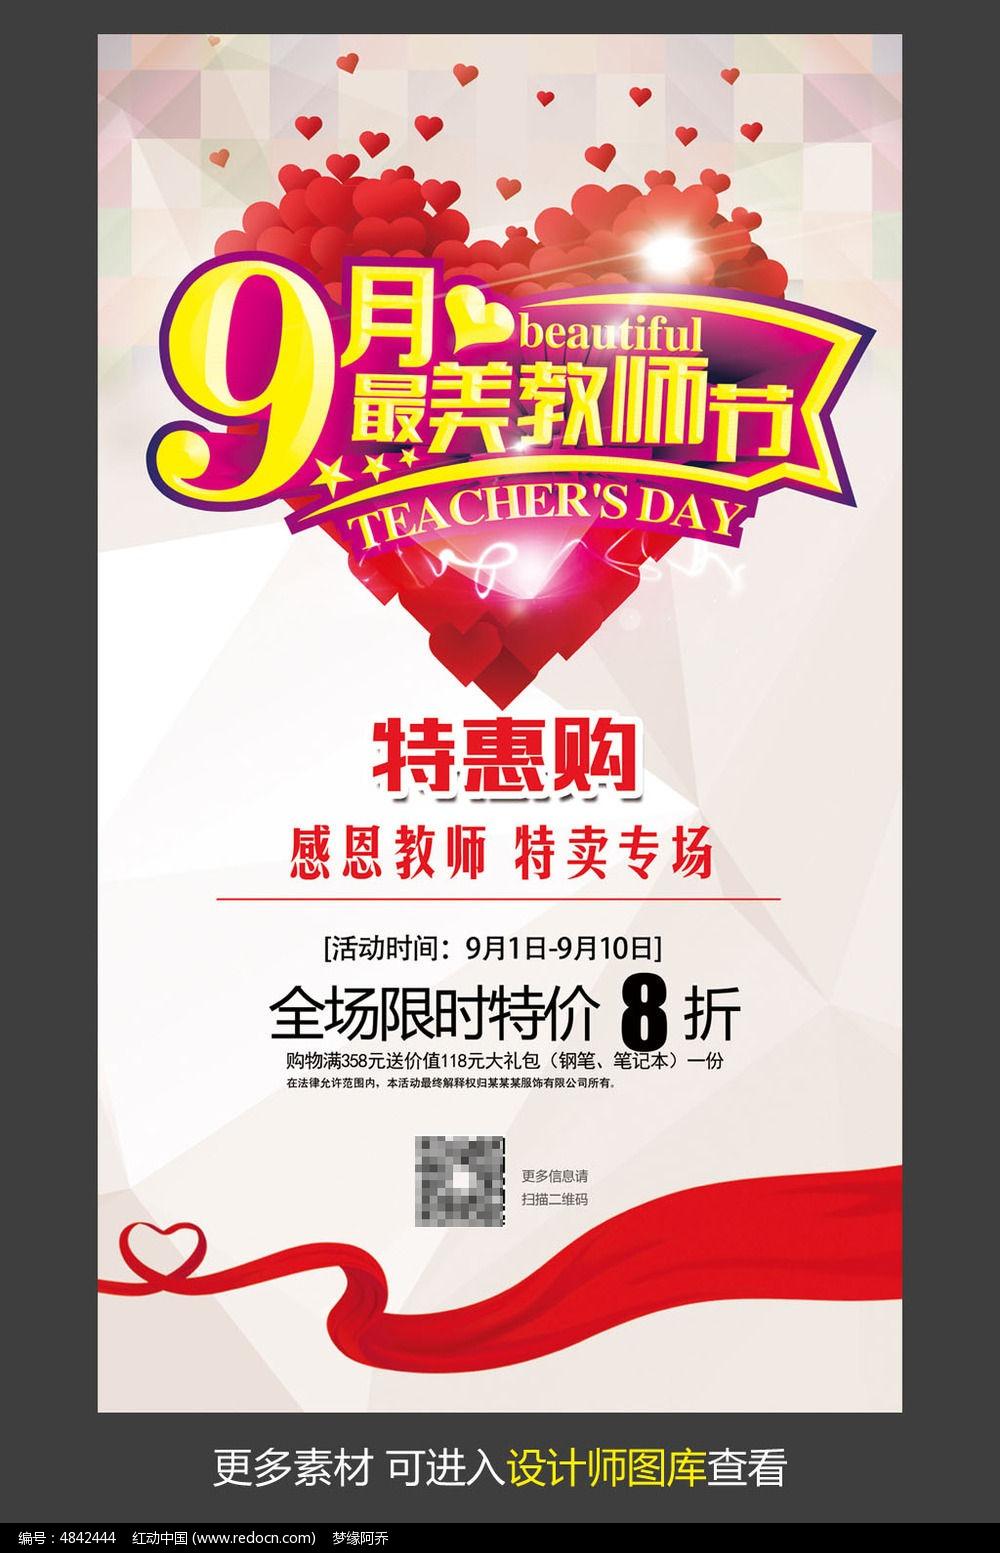 最美教师节活动海报模板